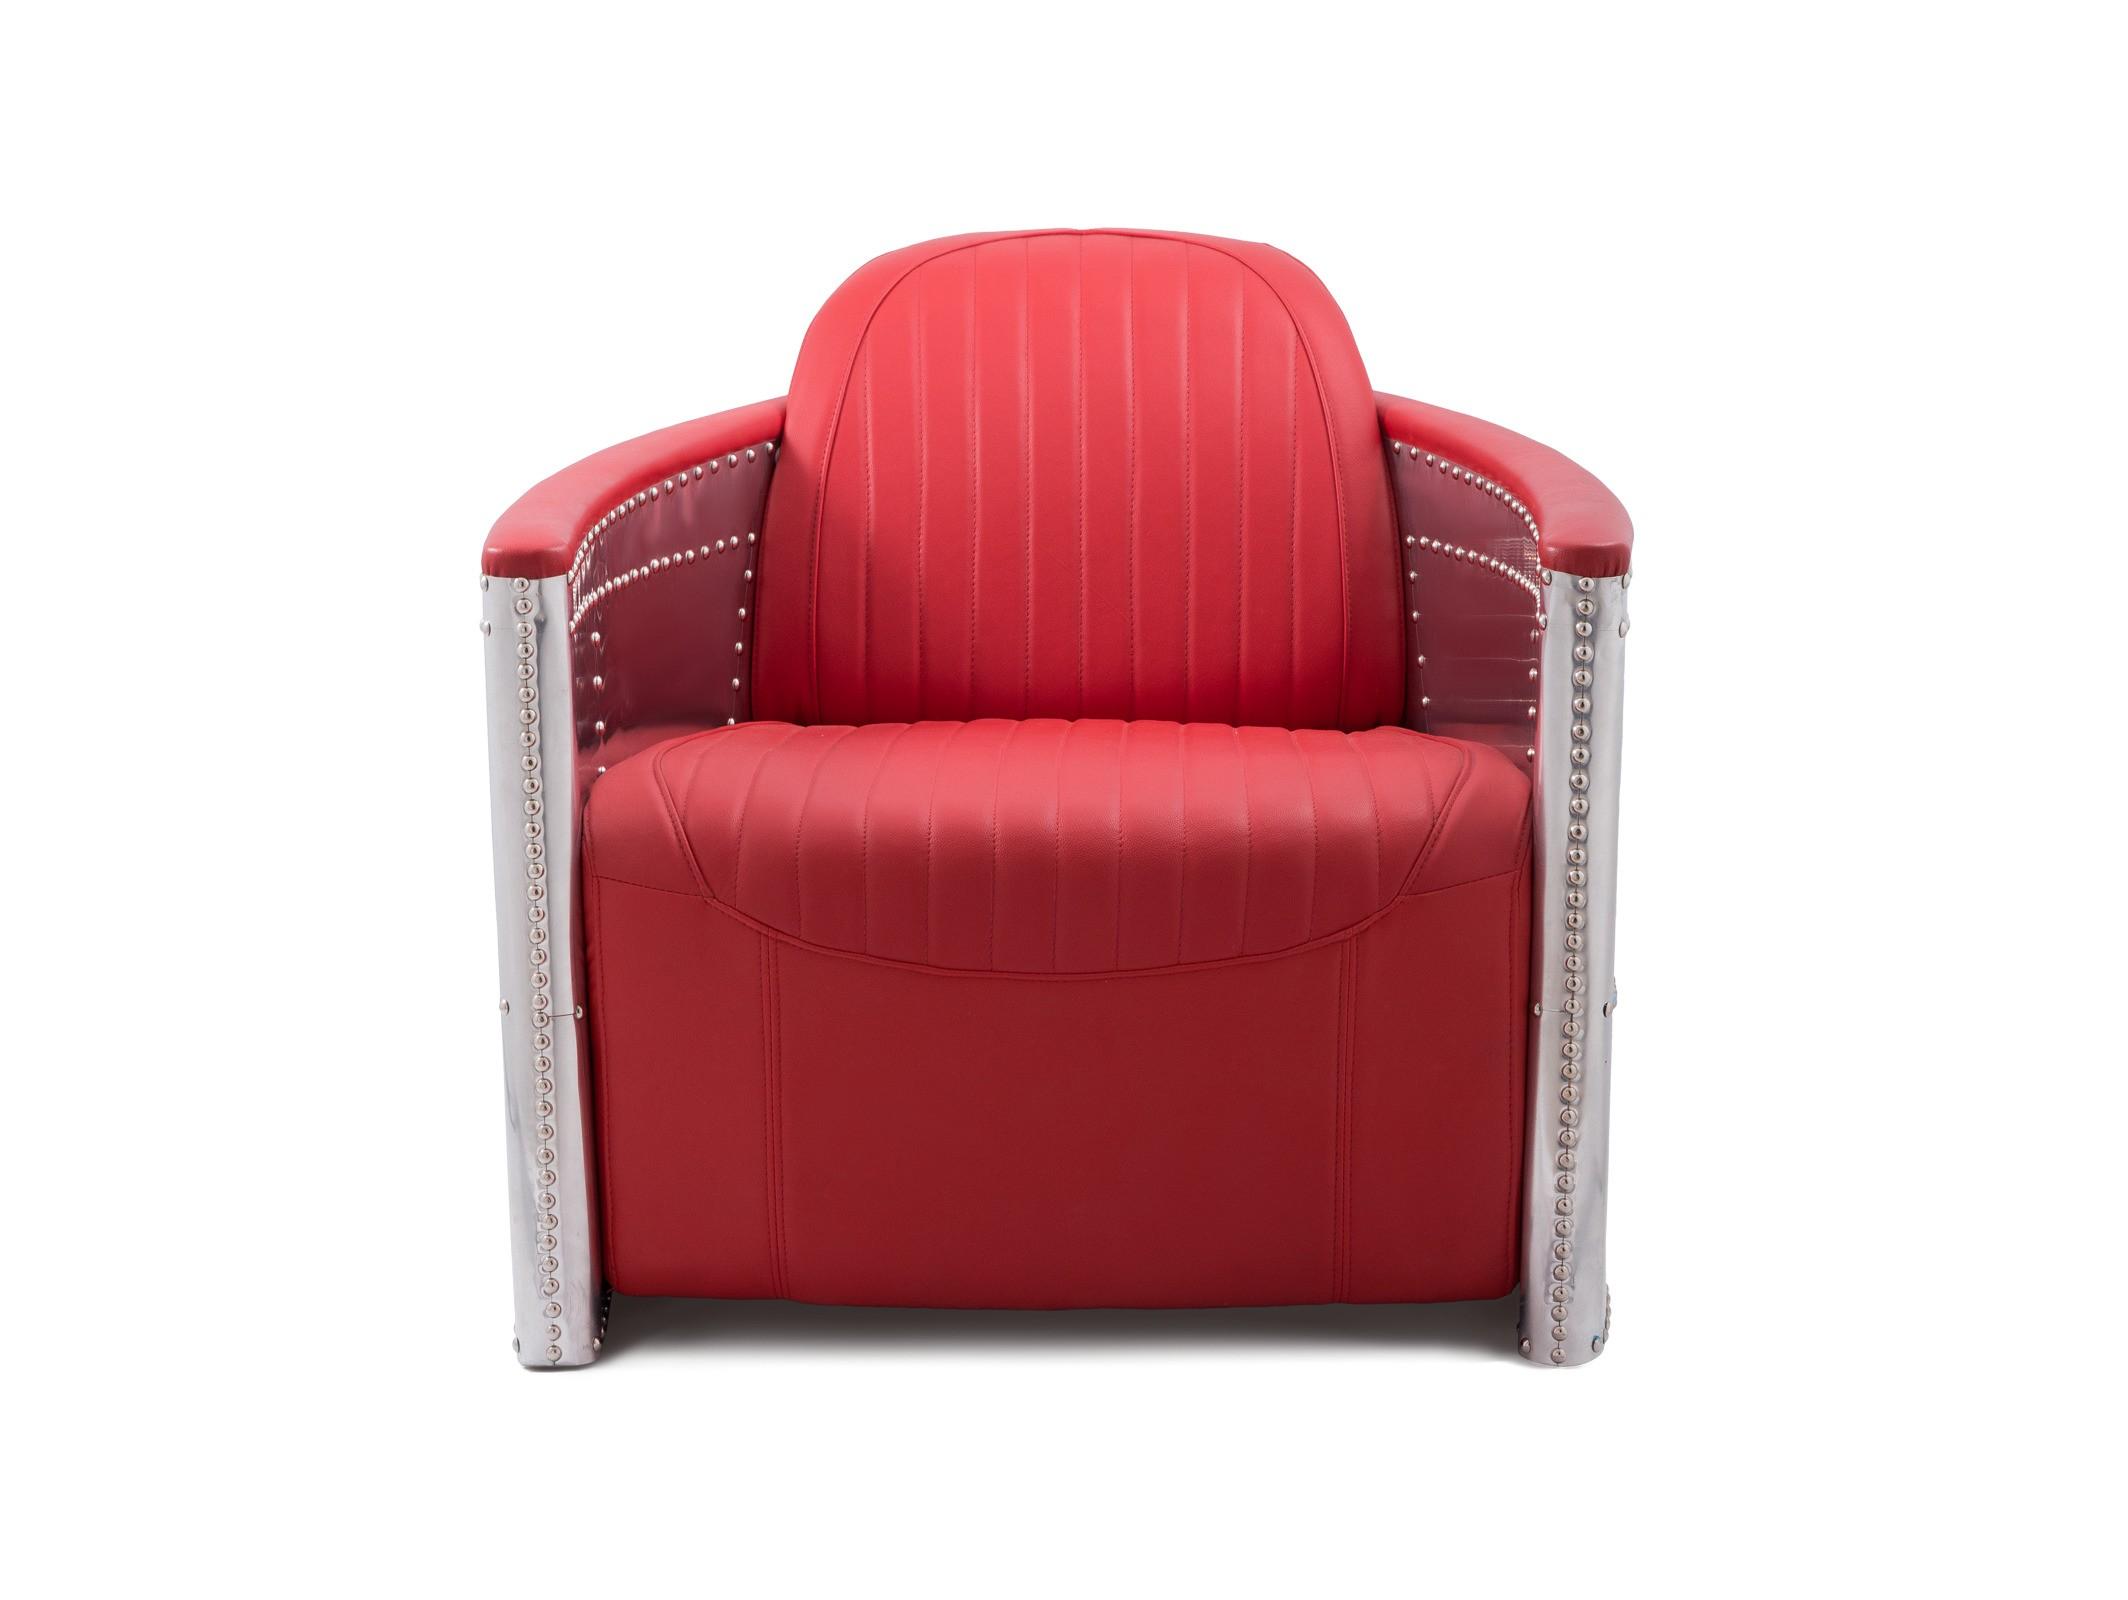 Кресло AviatoreИнтерьерные кресла<br><br><br>Material: Кожа<br>Ширина см: 83<br>Высота см: 79<br>Глубина см: 100